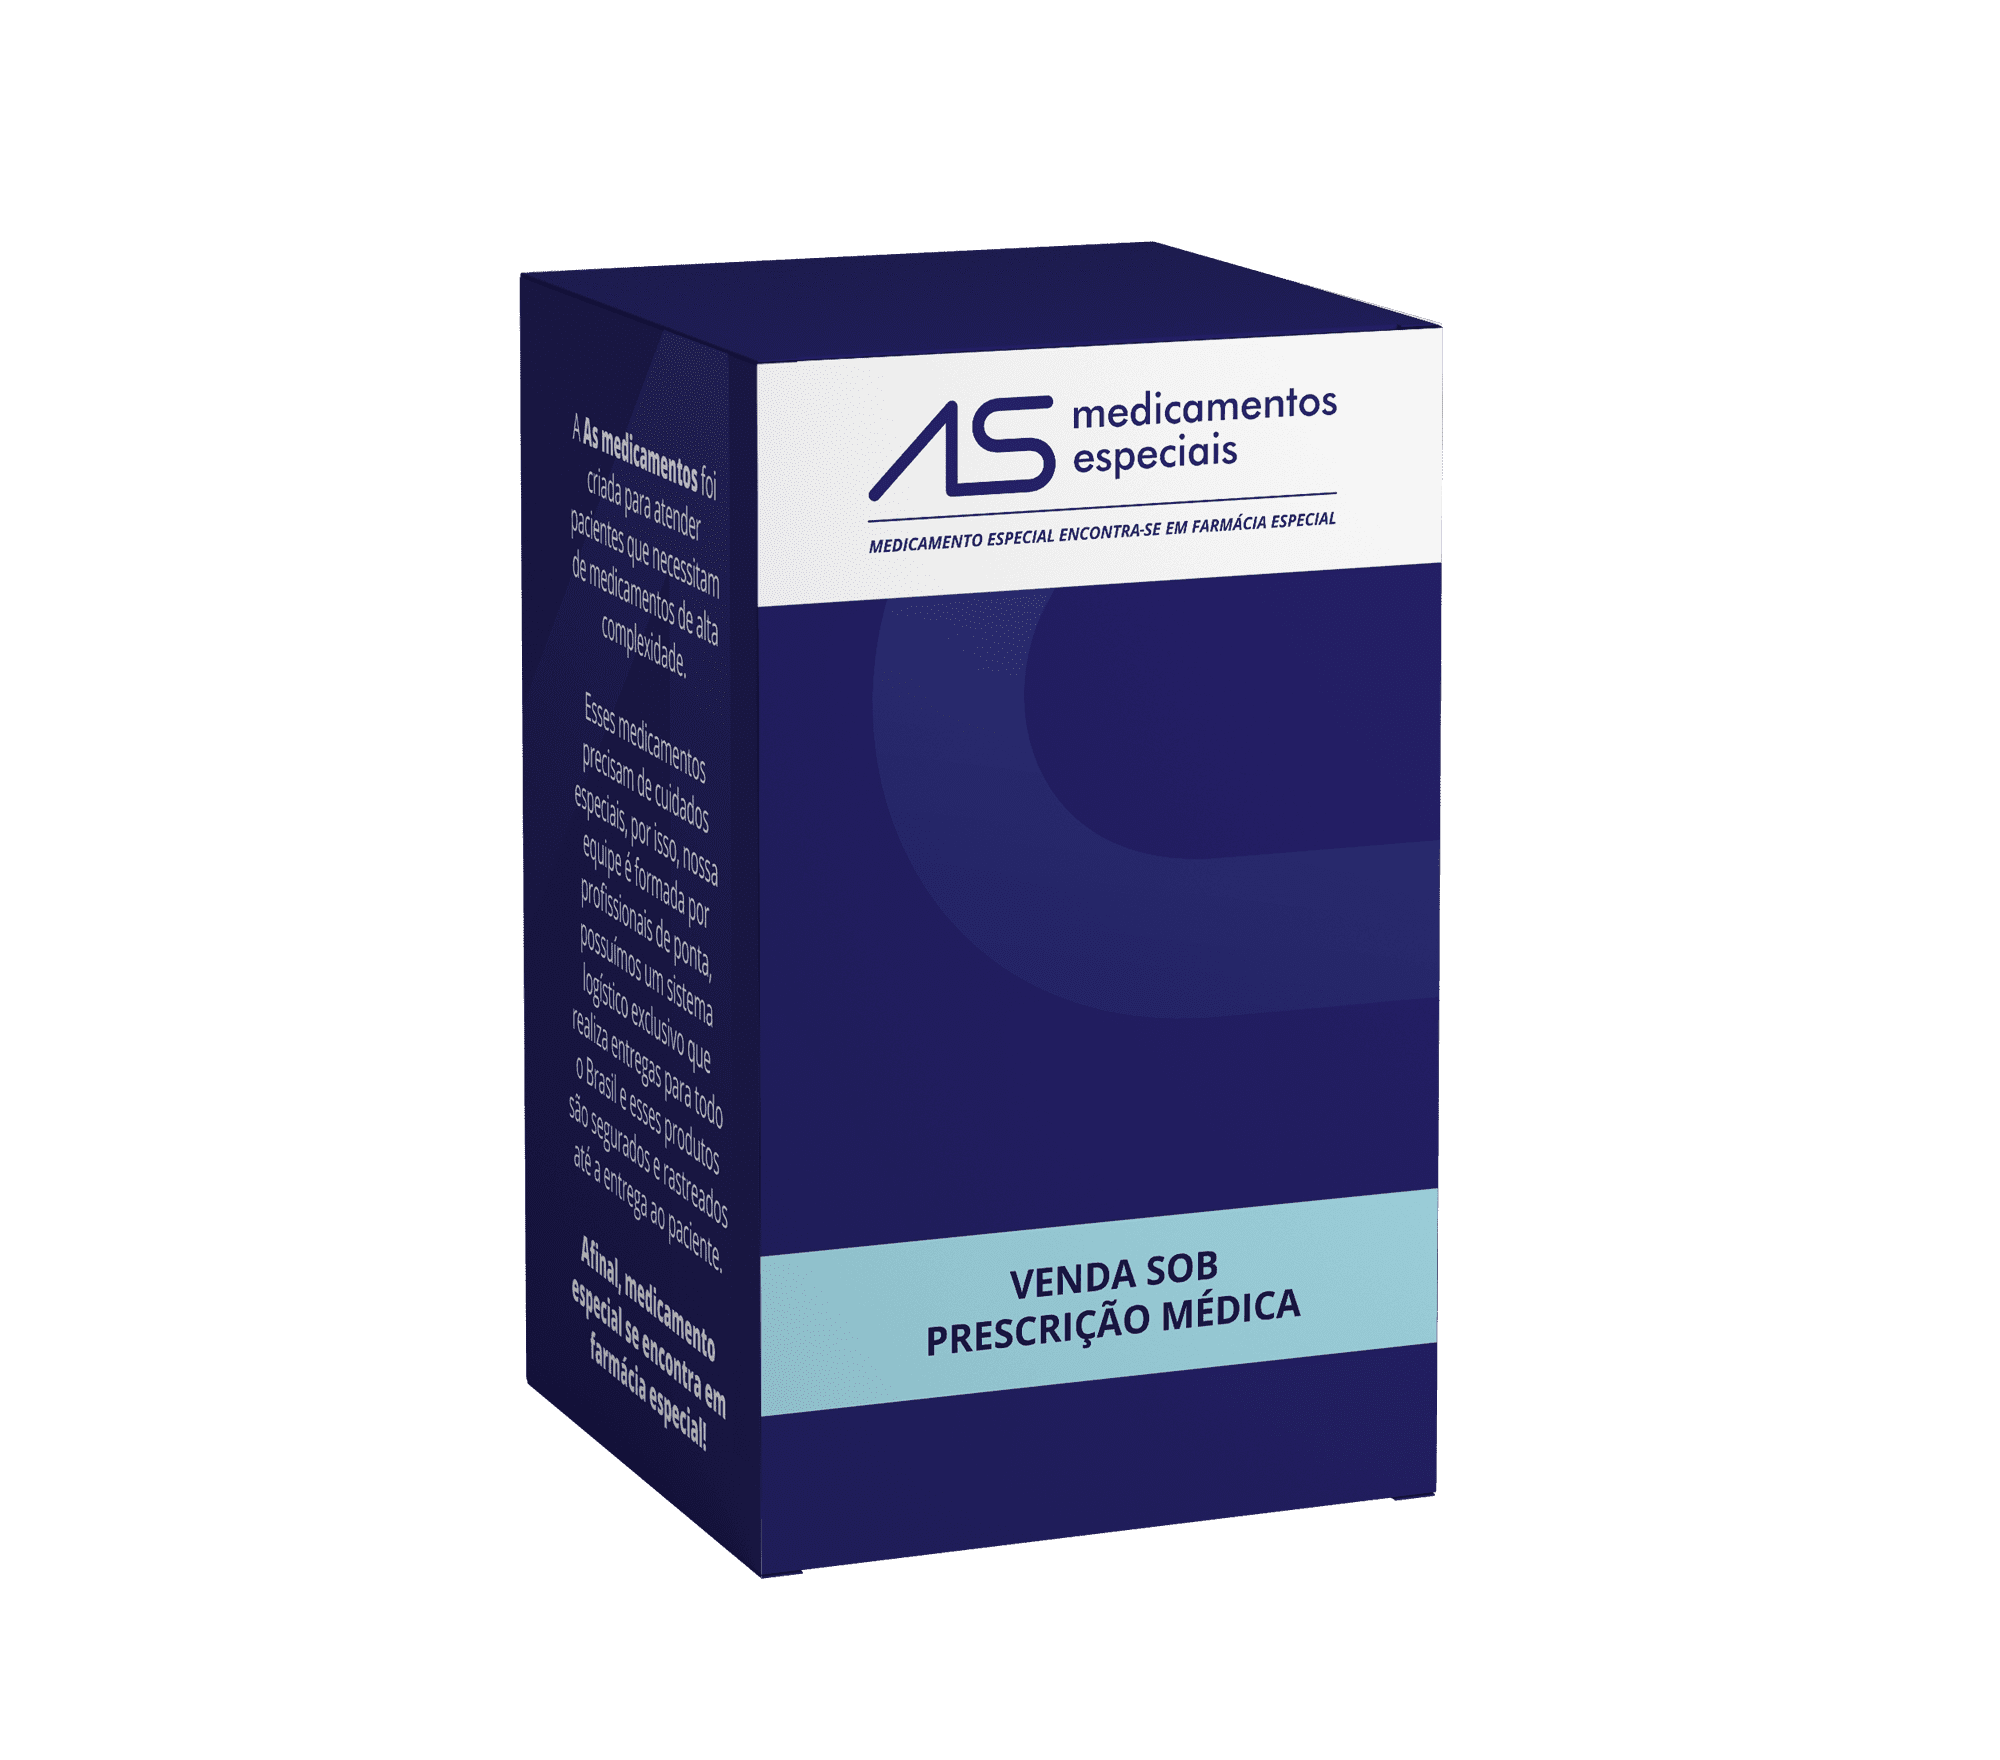 OZEMPIC 0,25MG + 0,5MG, 1,5ML CANETA COM 6 AGULHAS (preço especial na descrição)